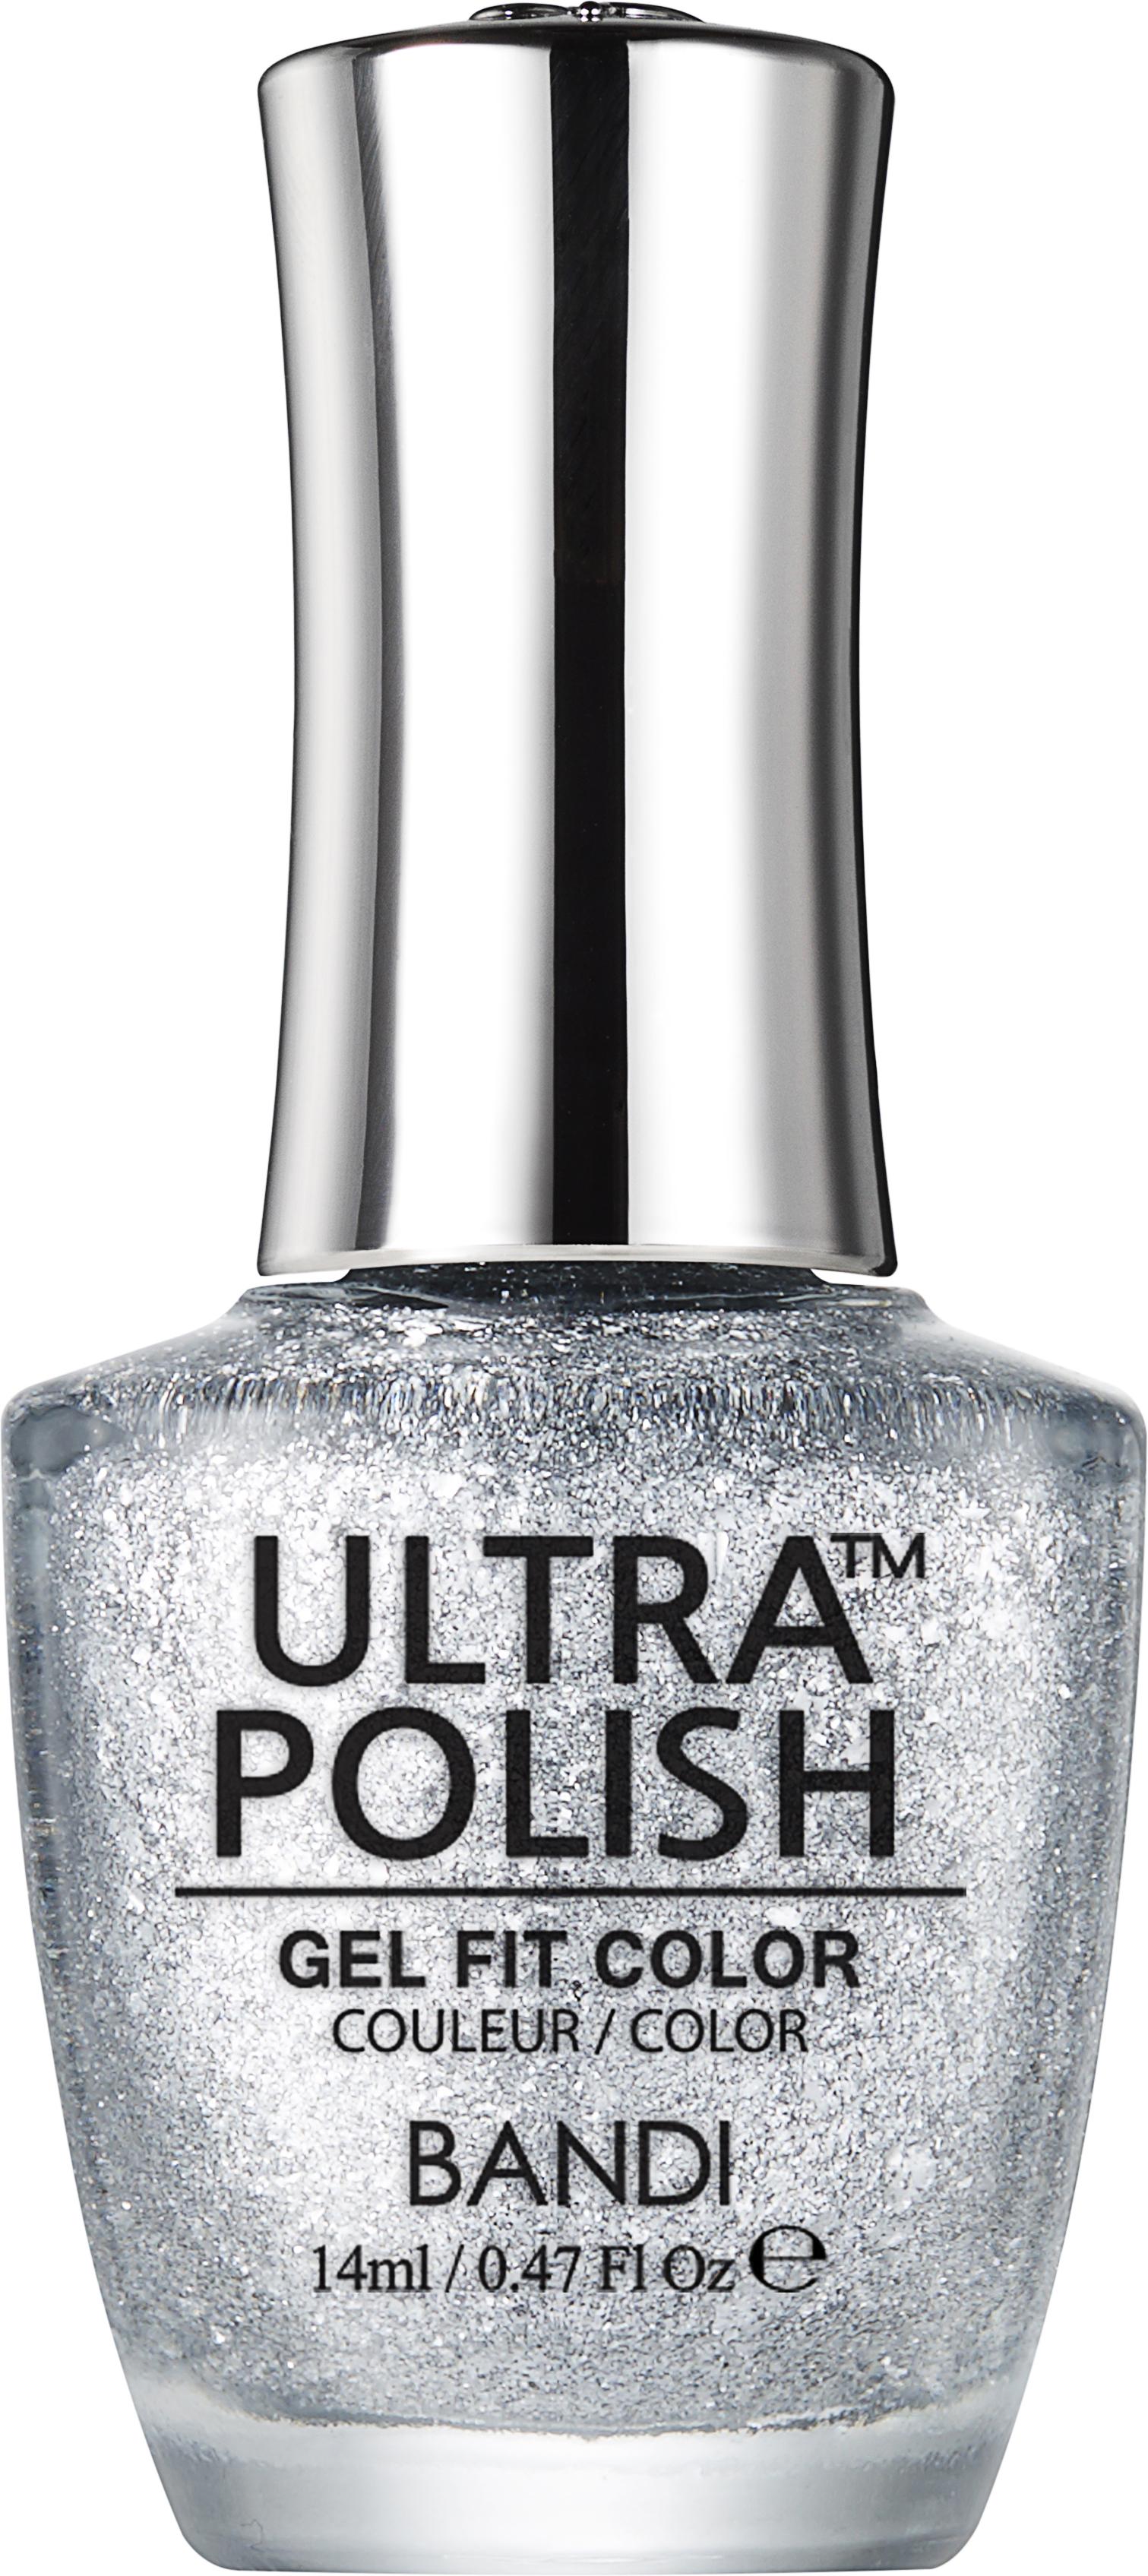 Купить BANDI UP911 ультра-покрытие долговременное цветное для ногтей / ULTRA POLISH GEL FIT COLOR 14 мл, Серые